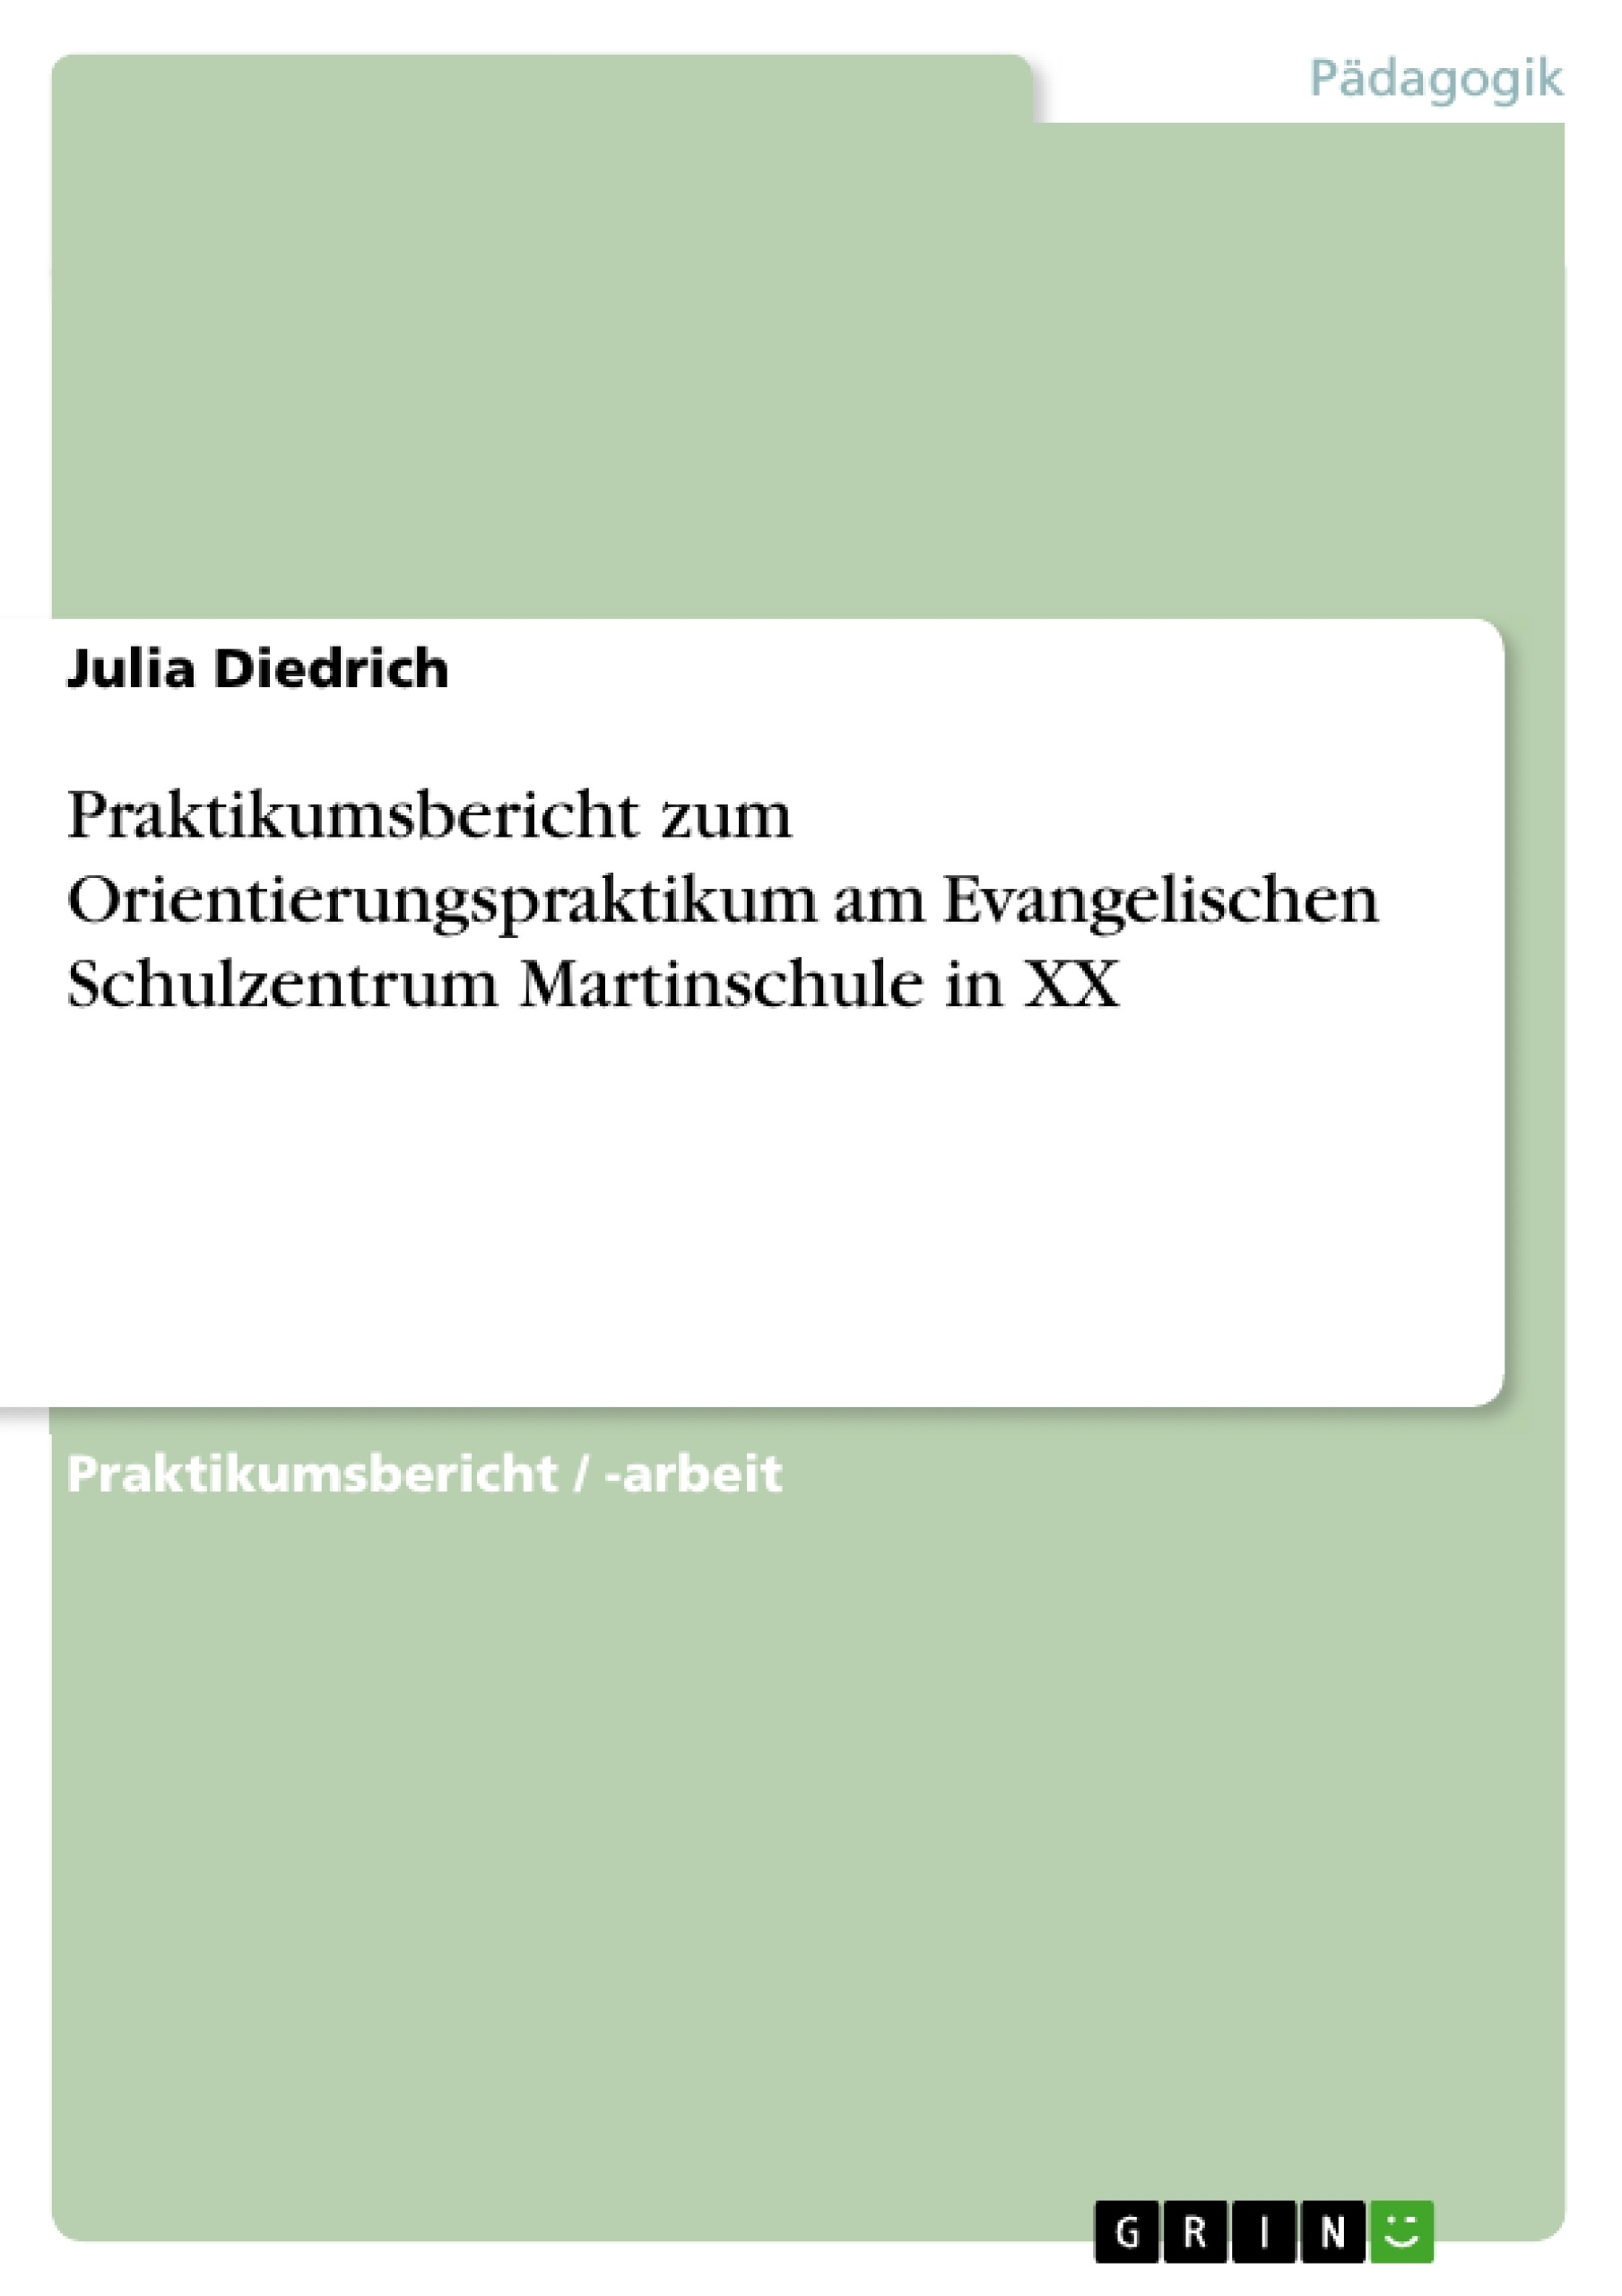 Titel: Praktikumsbericht zum Orientierungspraktikum am Evangelischen Schulzentrum Martinschule in XX